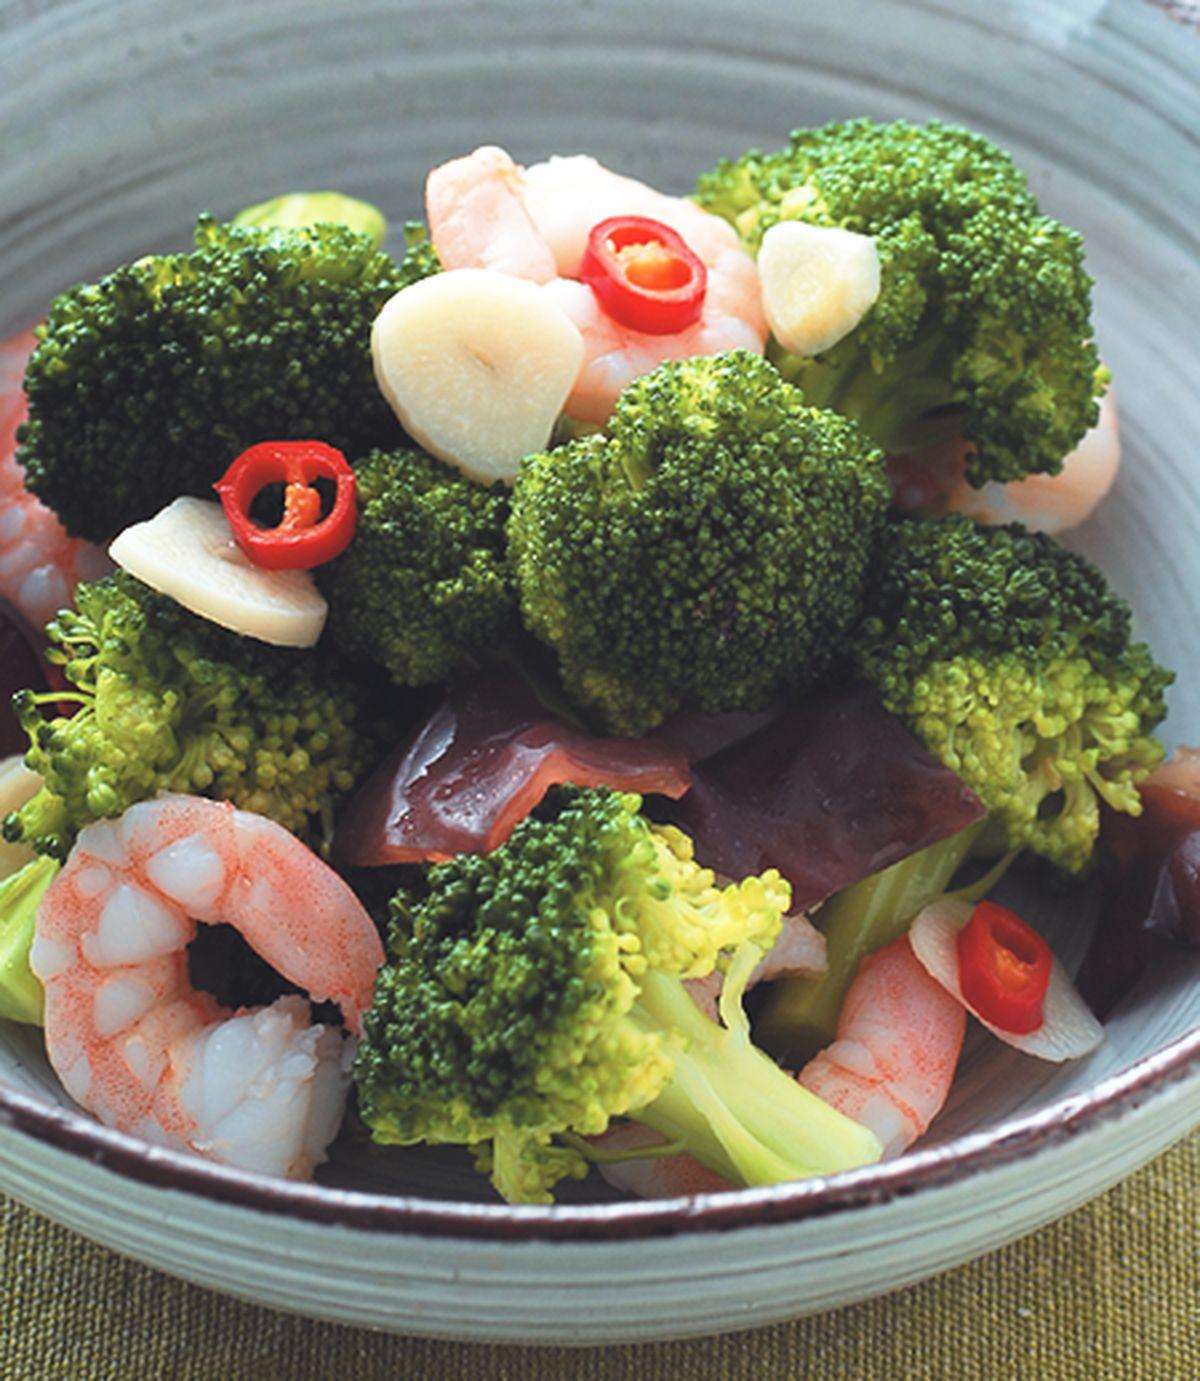 食譜:蝦仁炒花椰菜